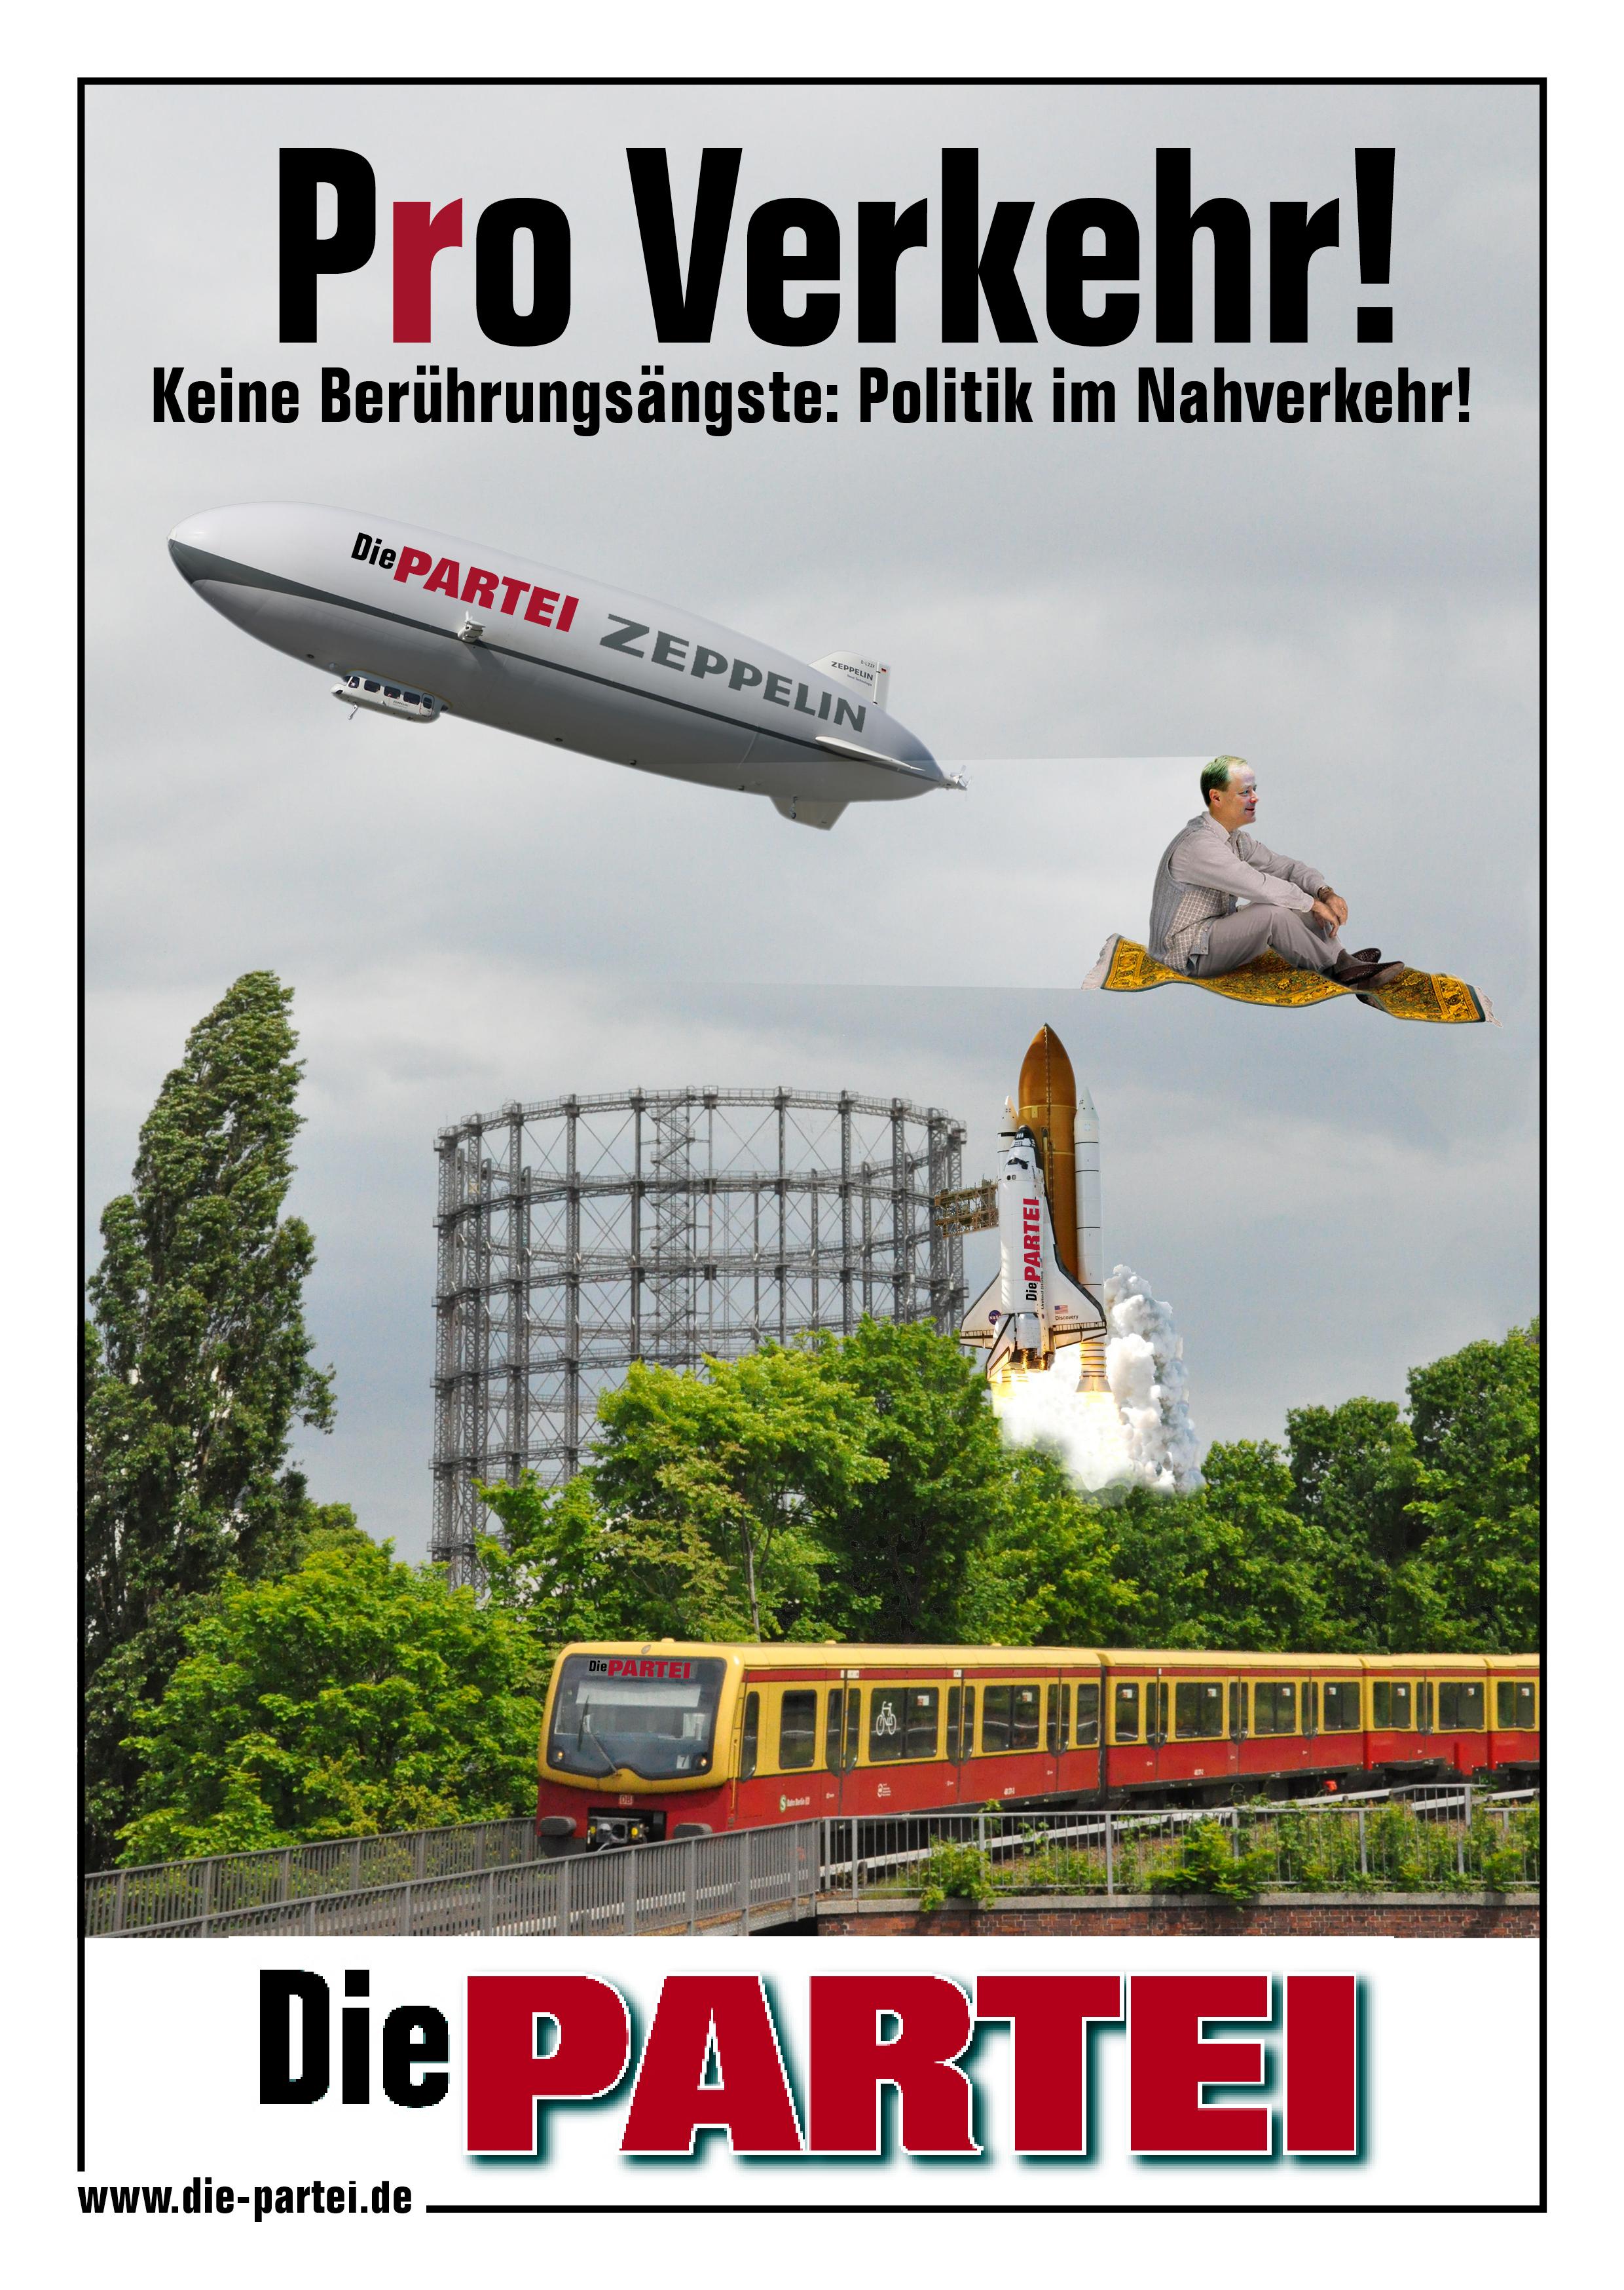 Plakatives   Die PARTEI Tempelhof-Schöneberg